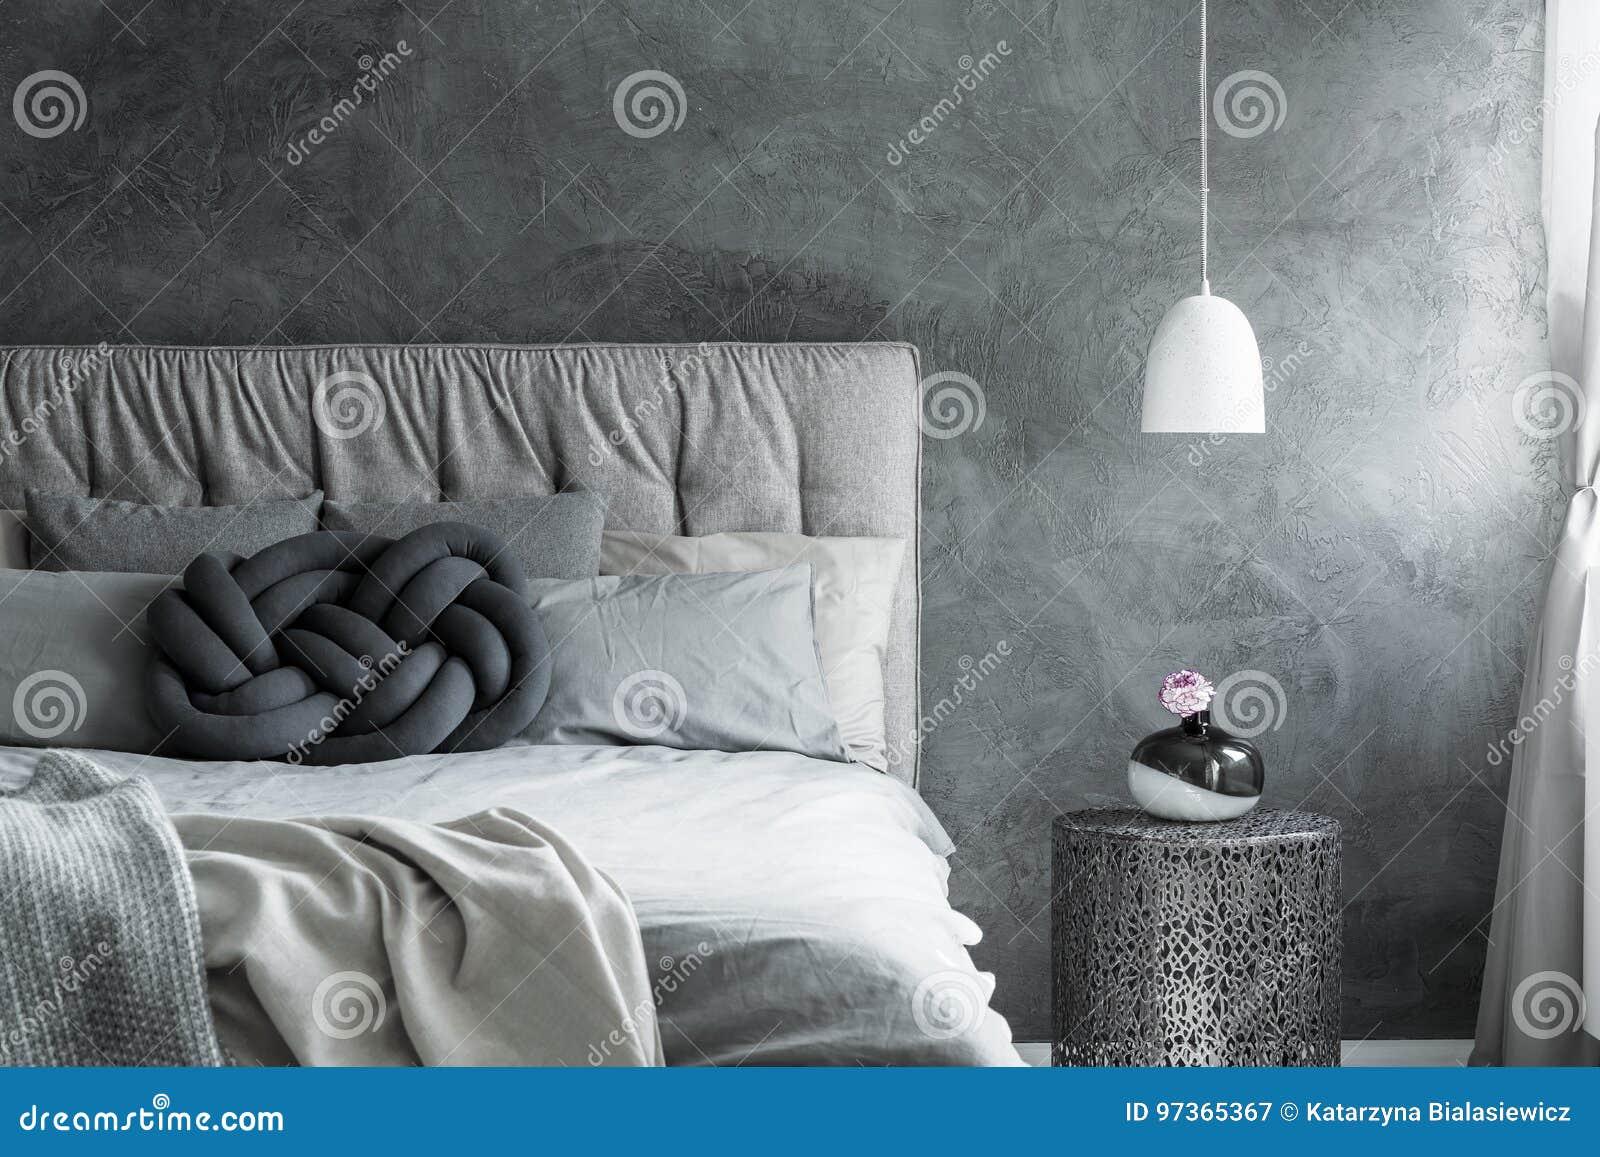 Camere Da Sogno Fine Living : Camera da letto con il cuscino del nodo di diy immagine stock